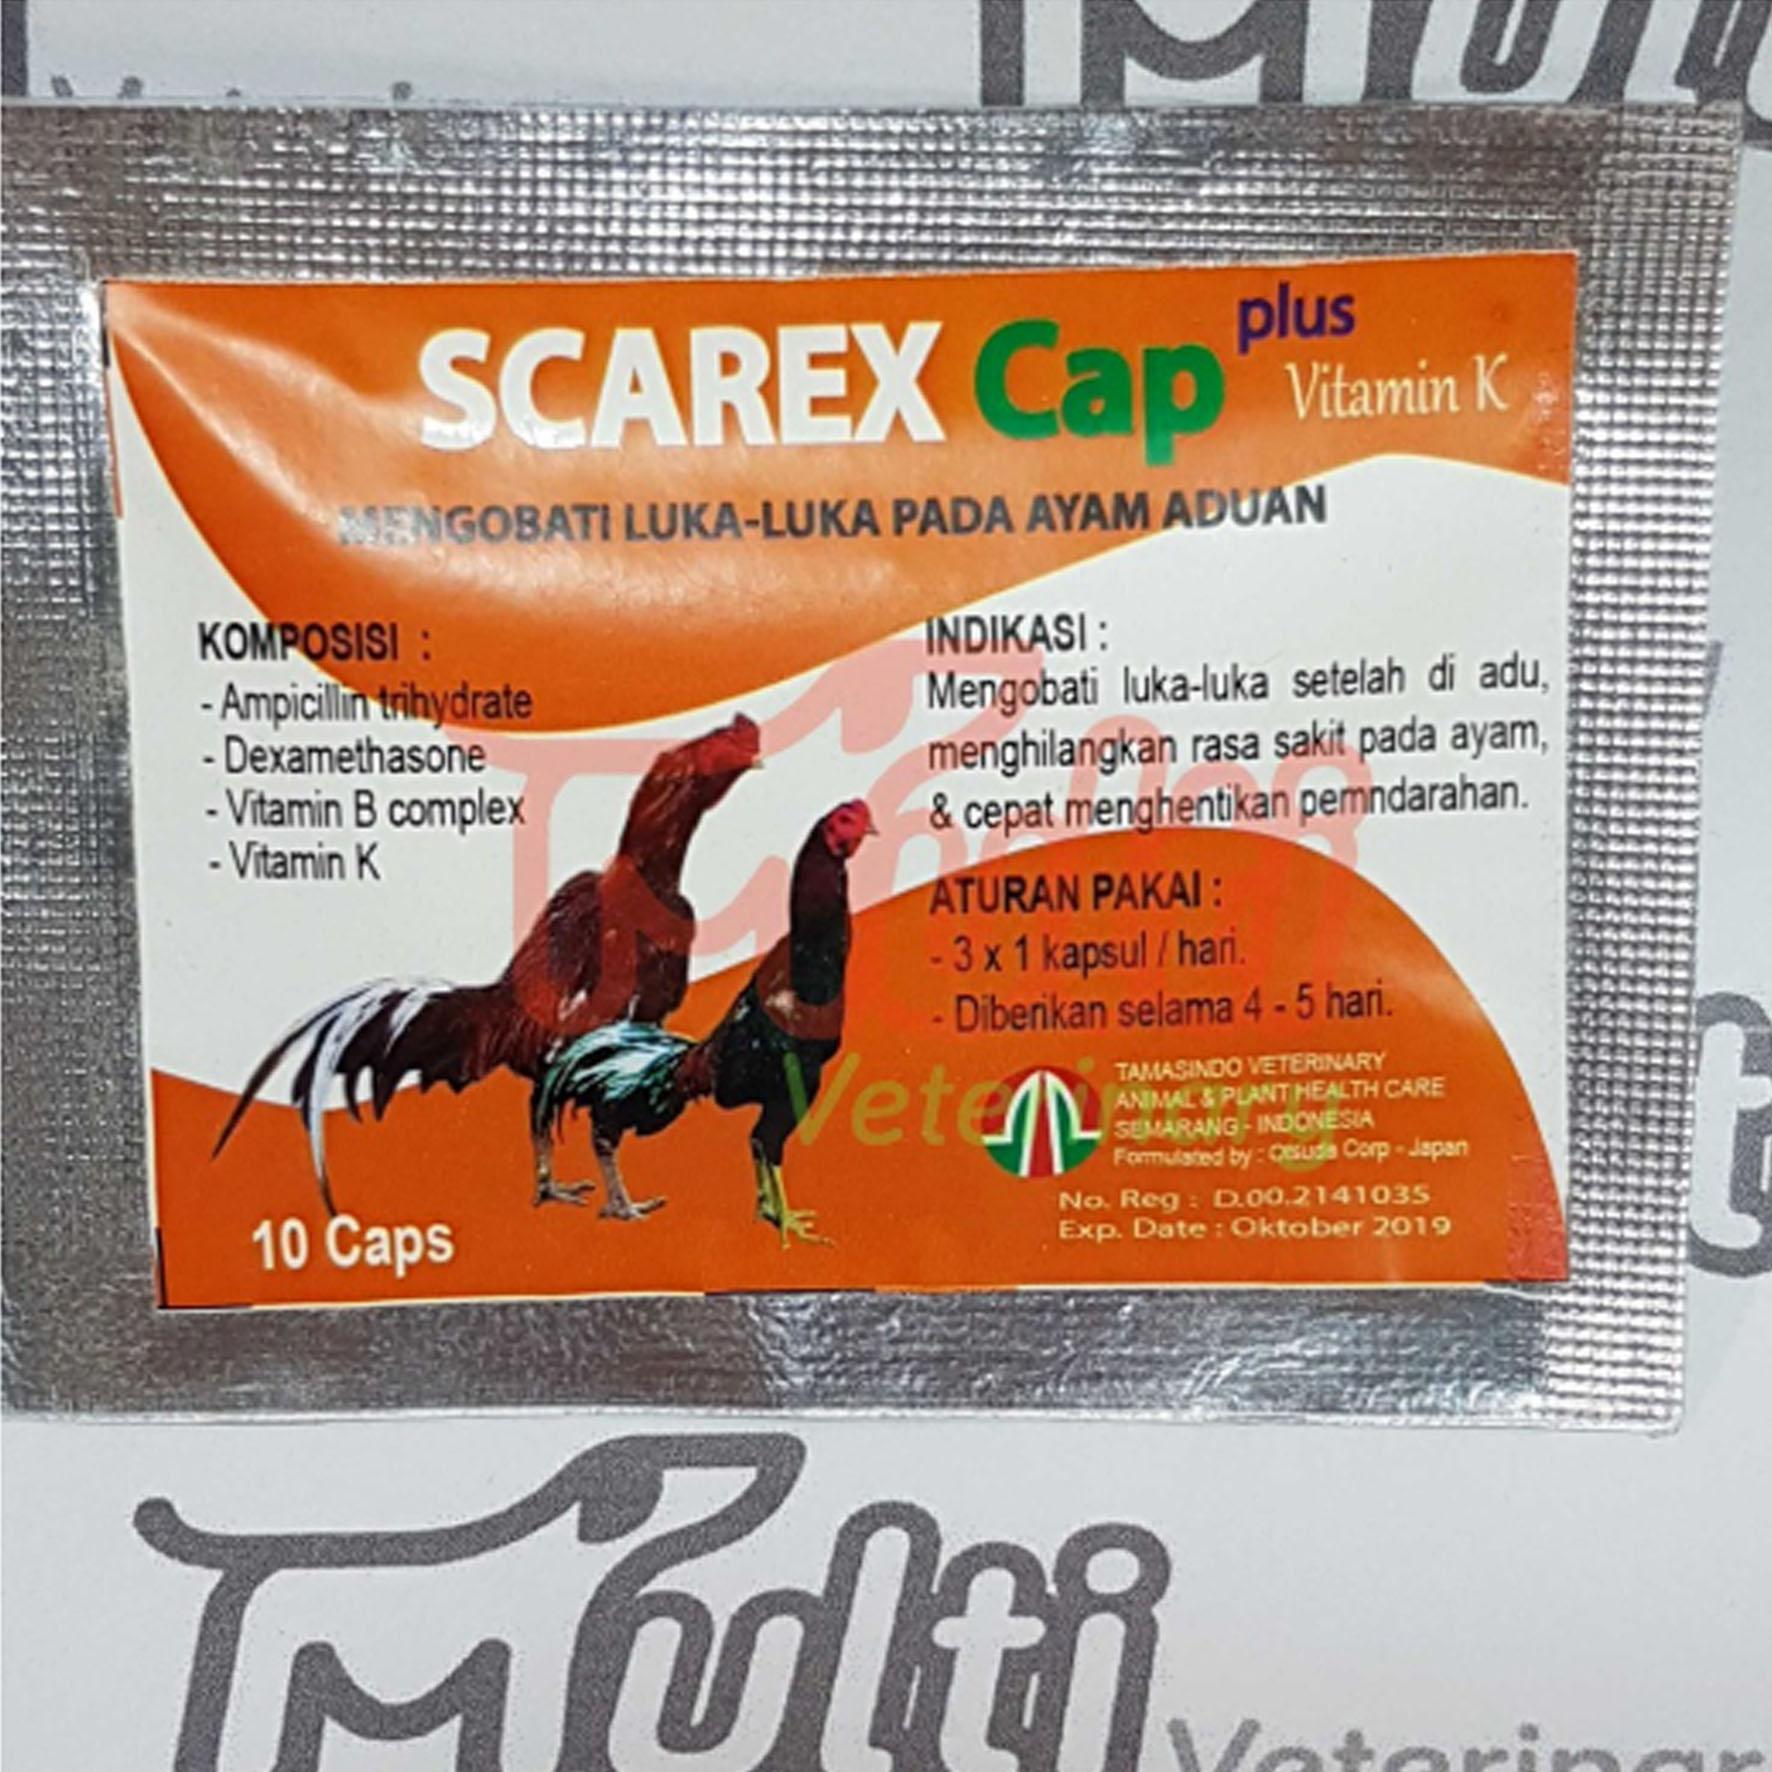 SCAREX Cap plus Vitamin K B complex Mengobati Luka pada Ayam Aduan Adu 10 kapsul